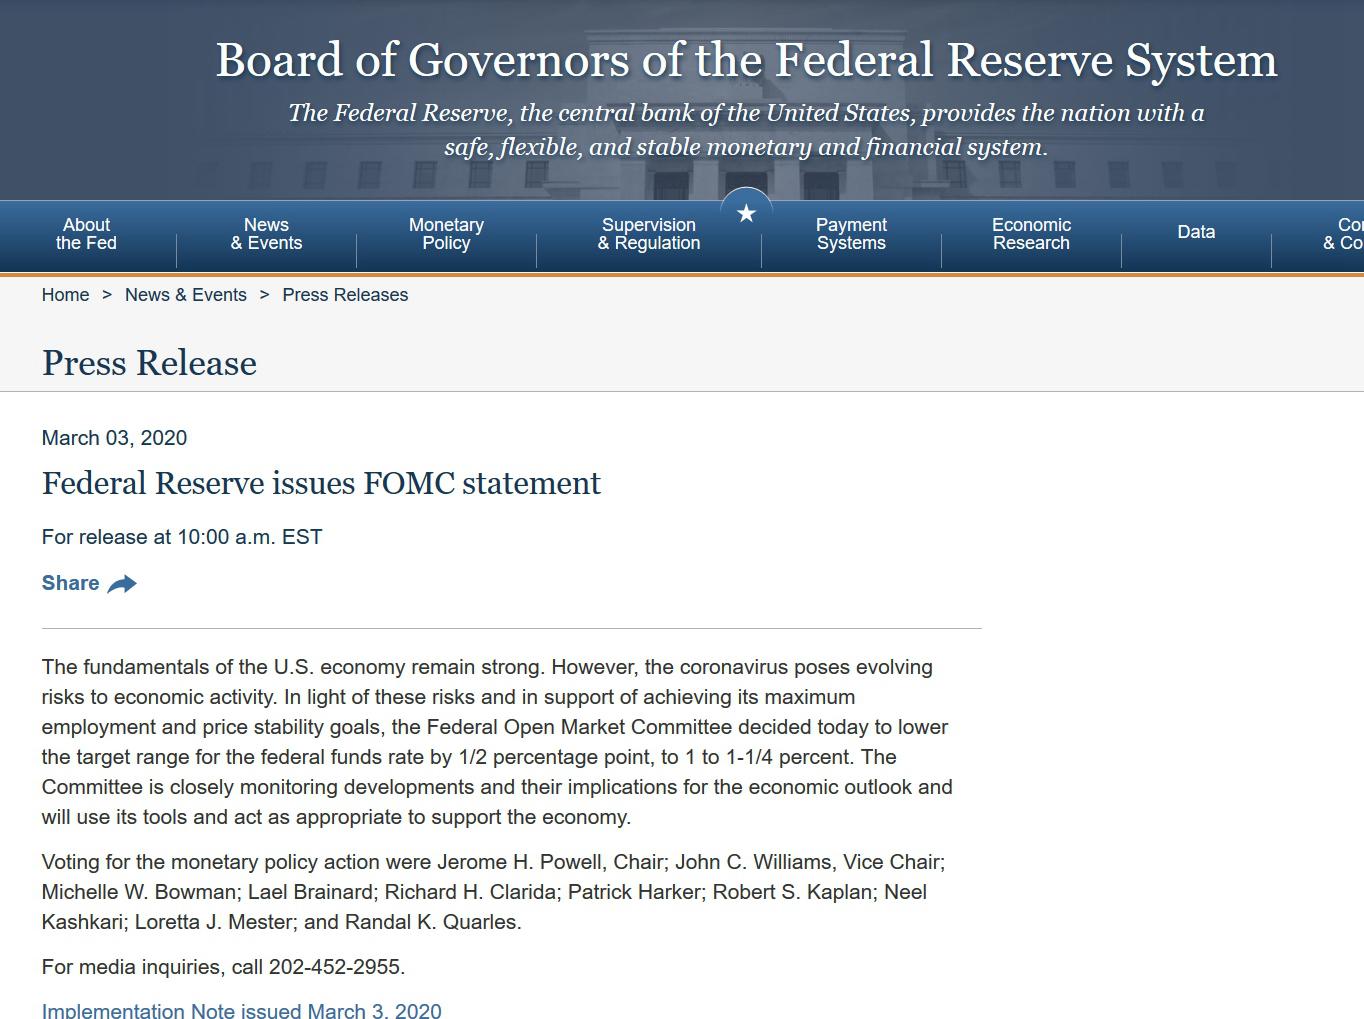 晚上重!美联储紧急降息50个基点。中国人民银行跟吗?